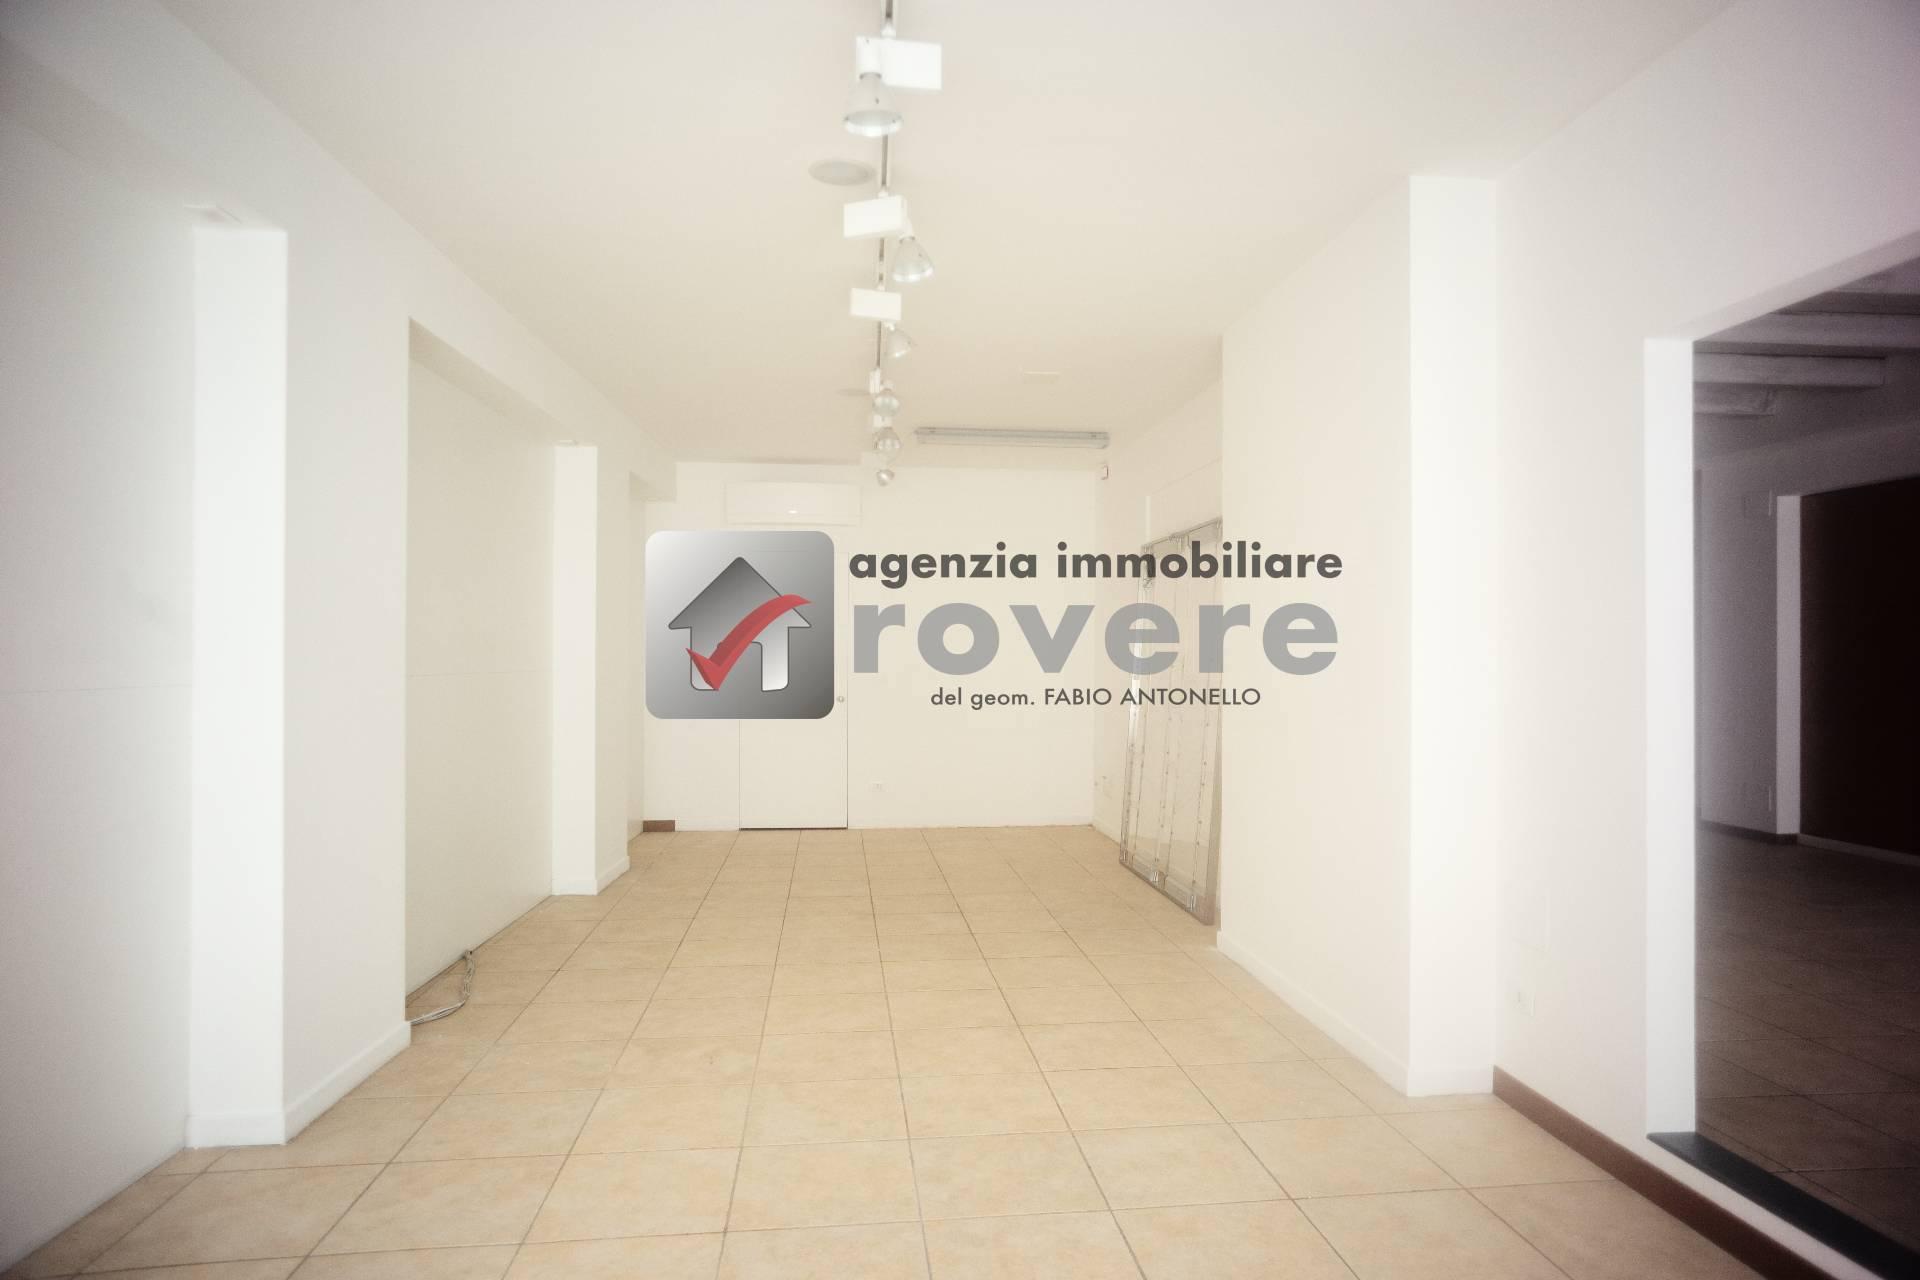 Negozio / Locale in affitto a Treviso, 9999 locali, prezzo € 190.000   PortaleAgenzieImmobiliari.it